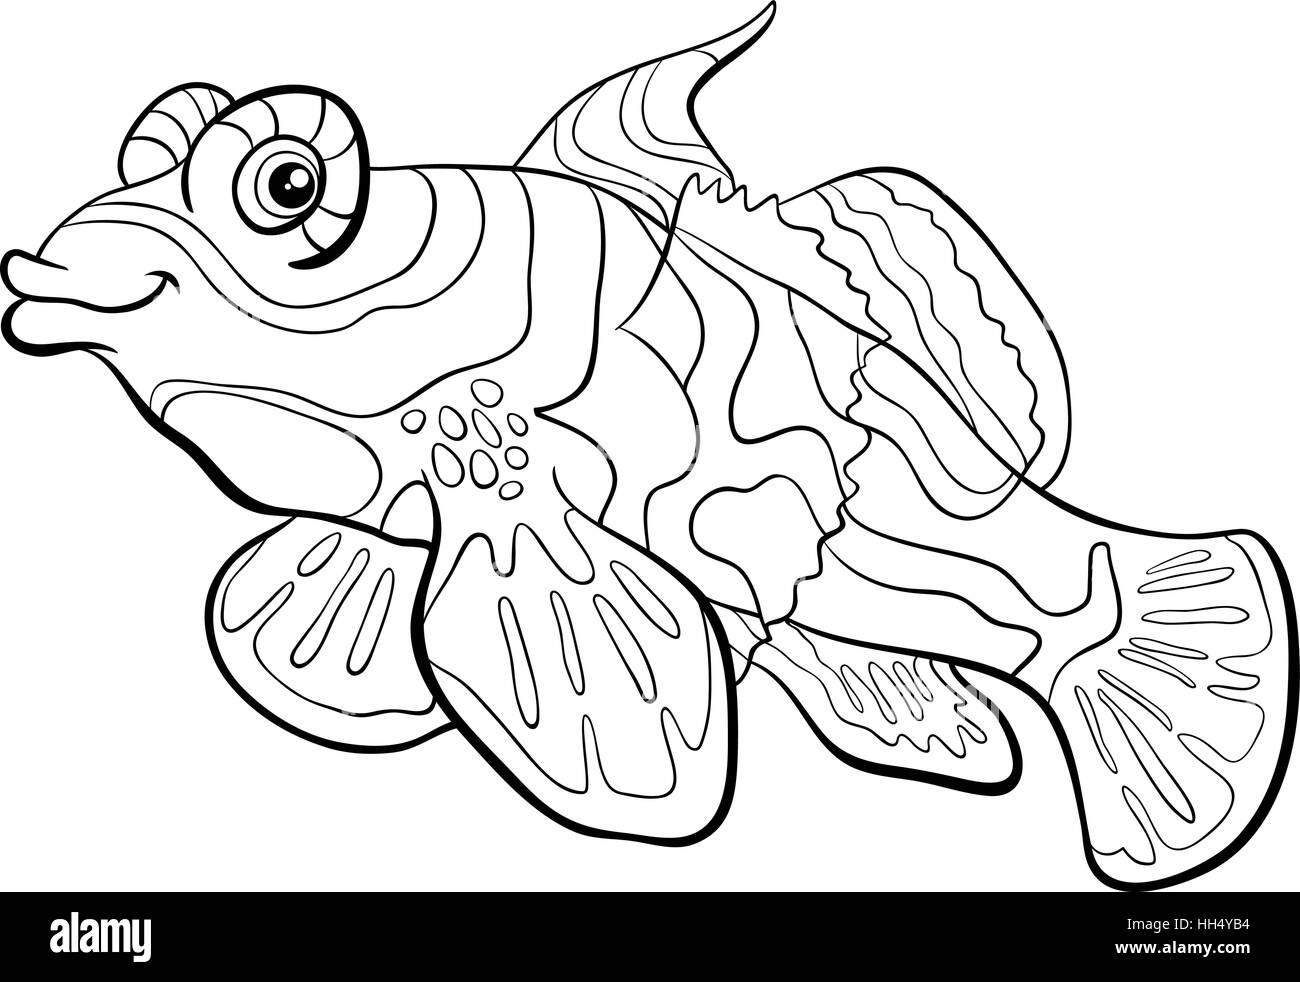 schwarz  weiß cartoon illustration der mandarin fisch